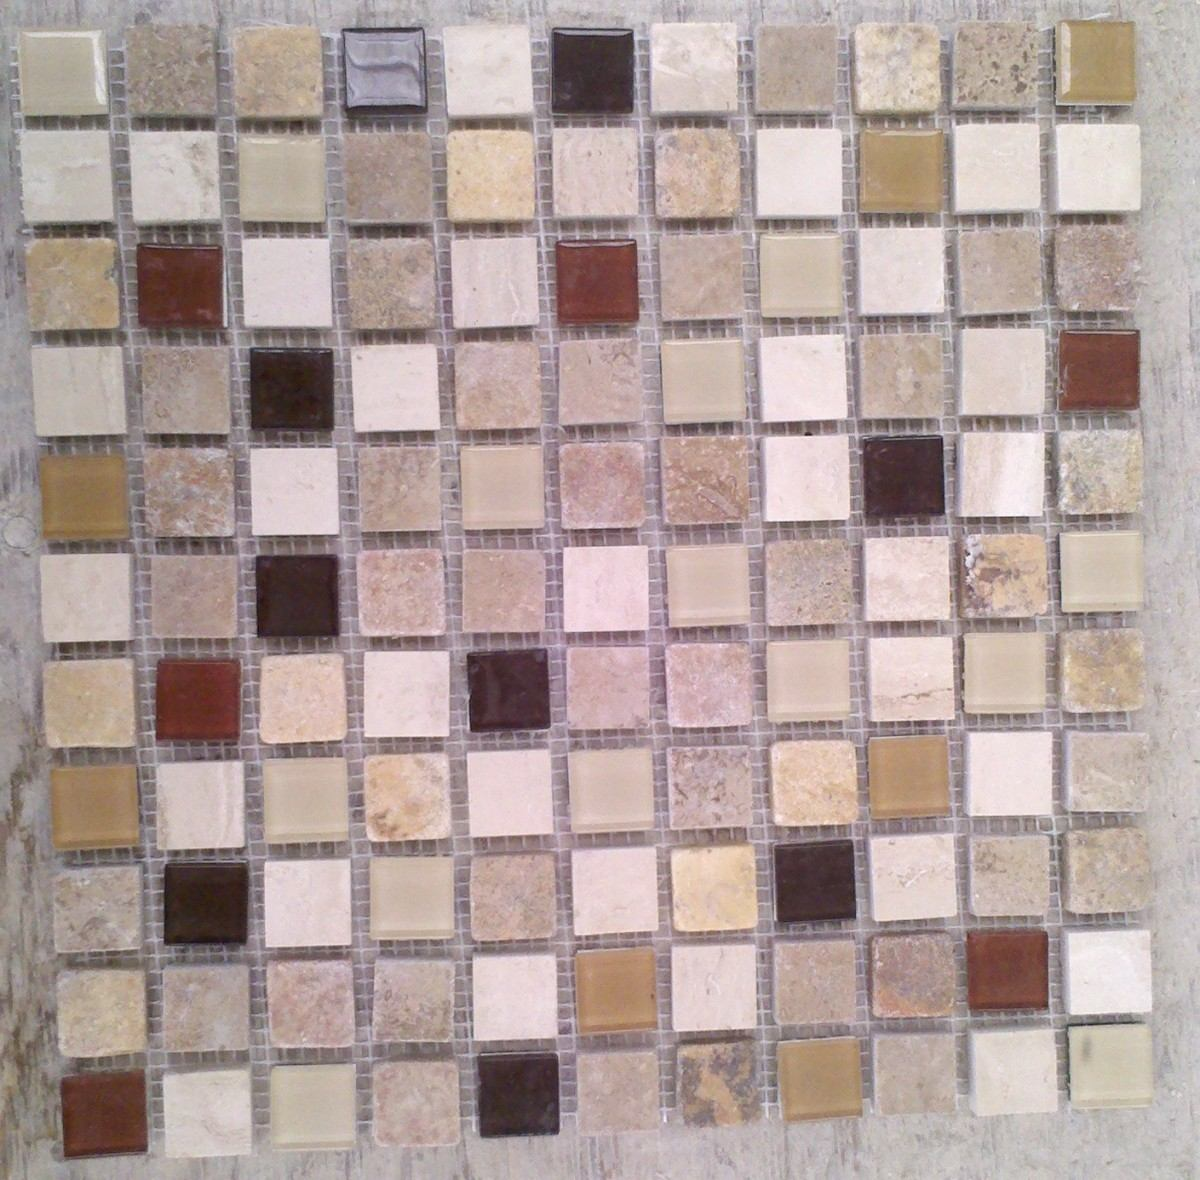 Loseta m rmol vidrio ideal pisos y muros ba os y cocina for Precio de loseta ceramica